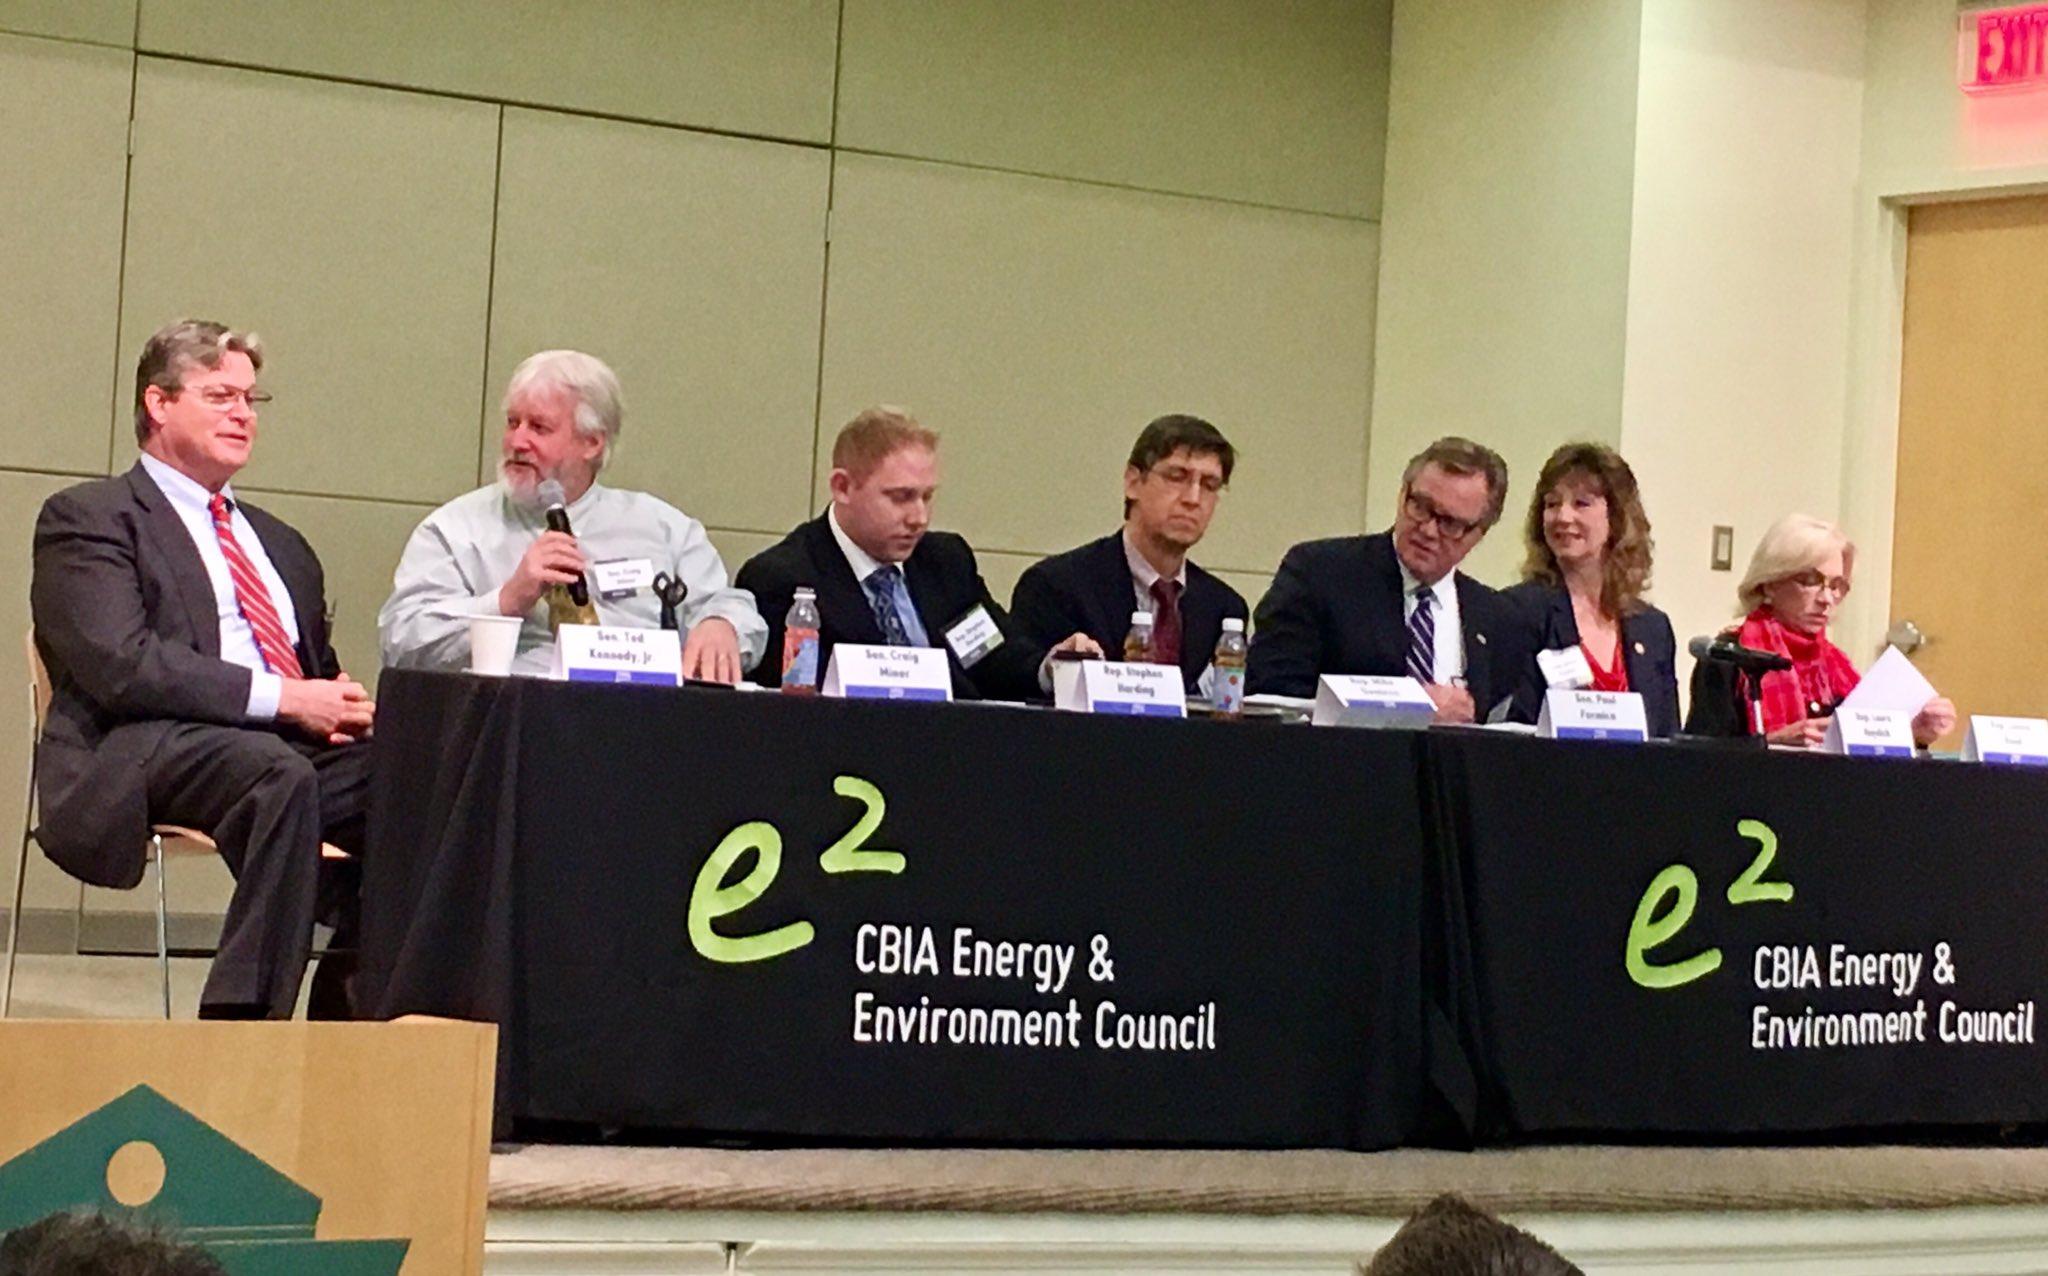 CBIA E2 regulatory reform forum